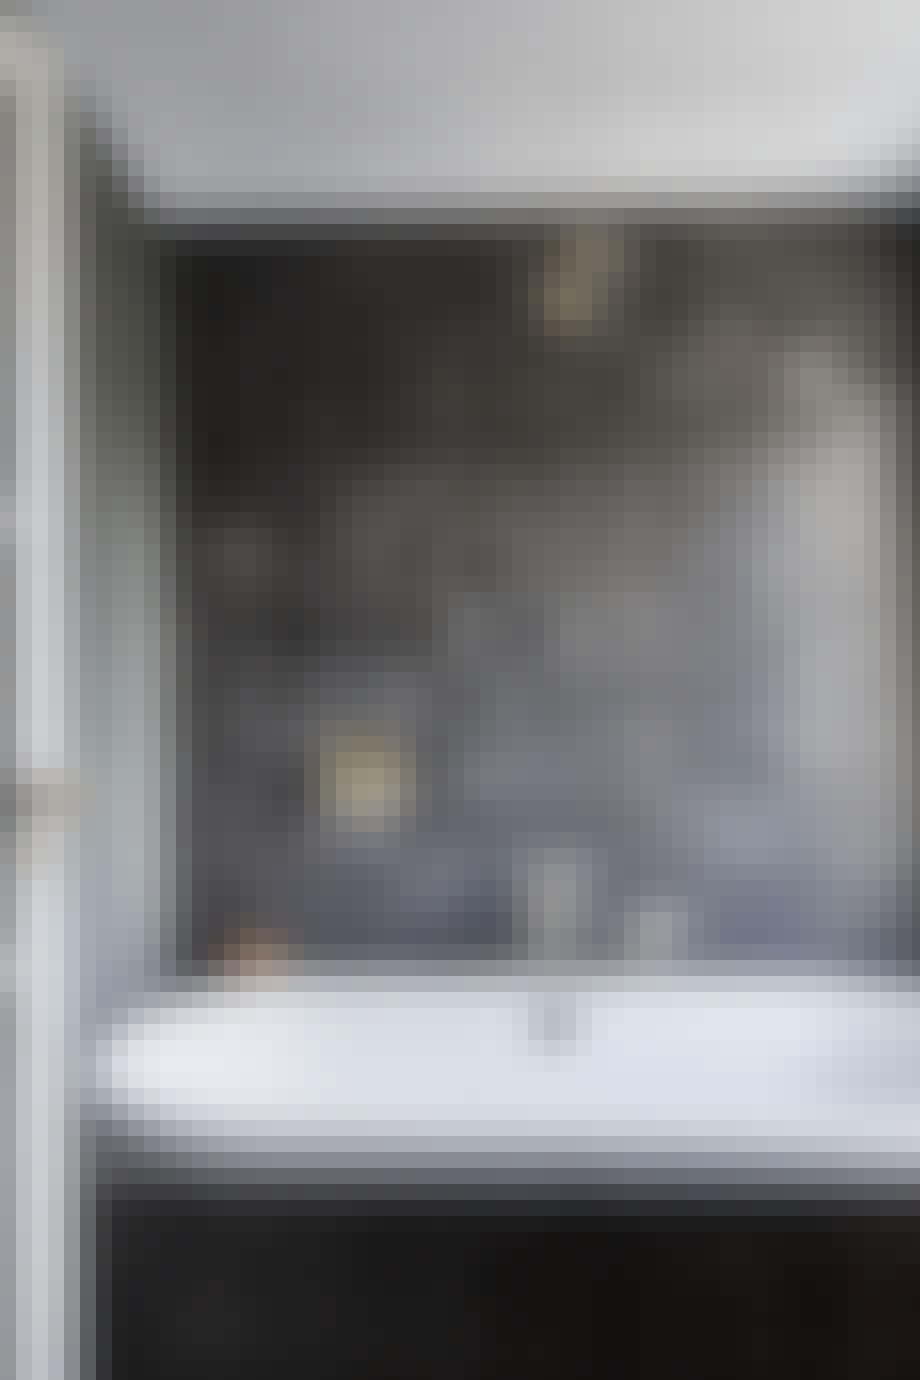 Baderomsfliser i nyanser av grått